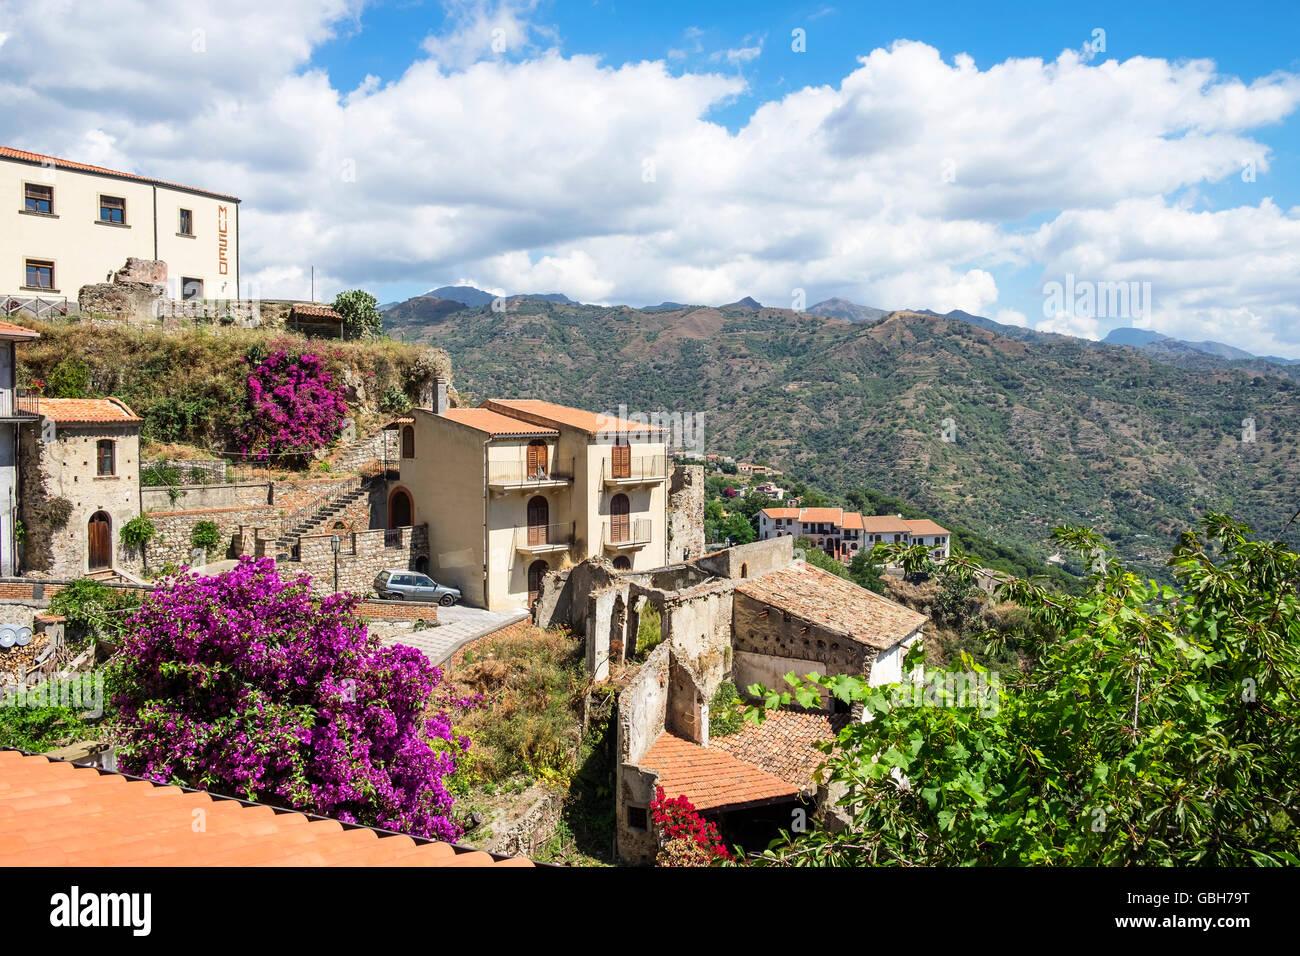 Il borgo medievale di Savoca nei Monti Peloritani vicino a Messina sull isola di Sicilia italiano Immagini Stock